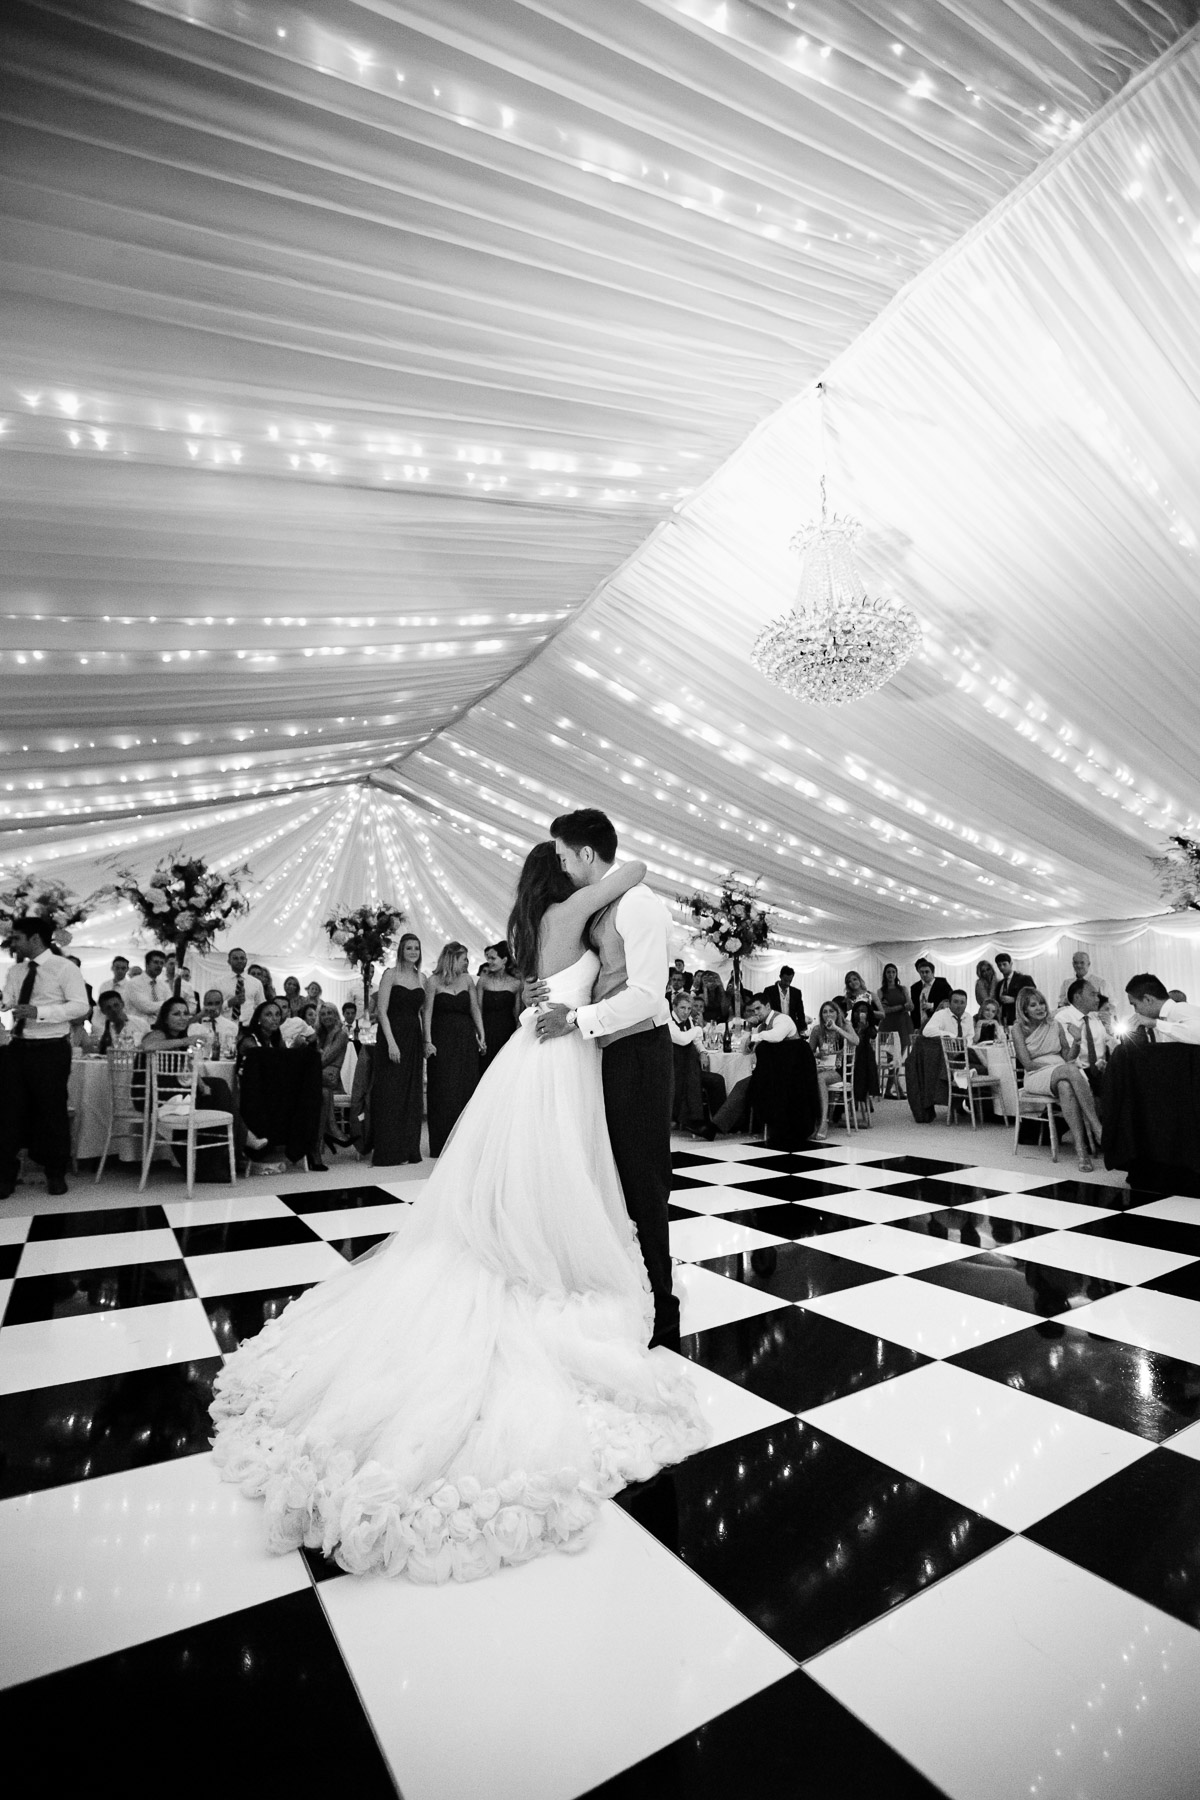 wedding portfolio 25-09-17  013.jpg